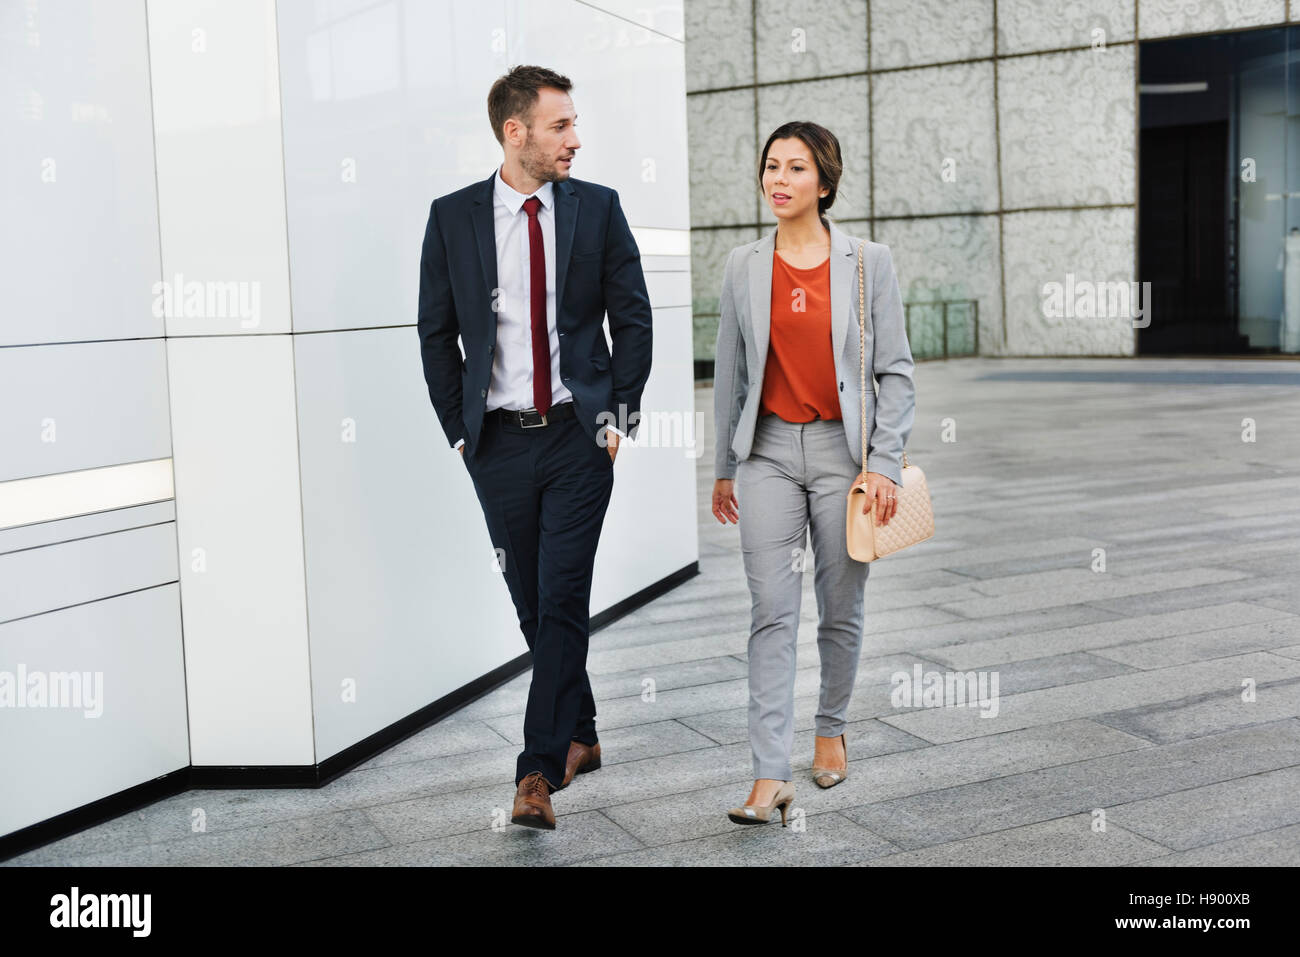 Gente de negocios Partner caminando hablando concepto Imagen De Stock